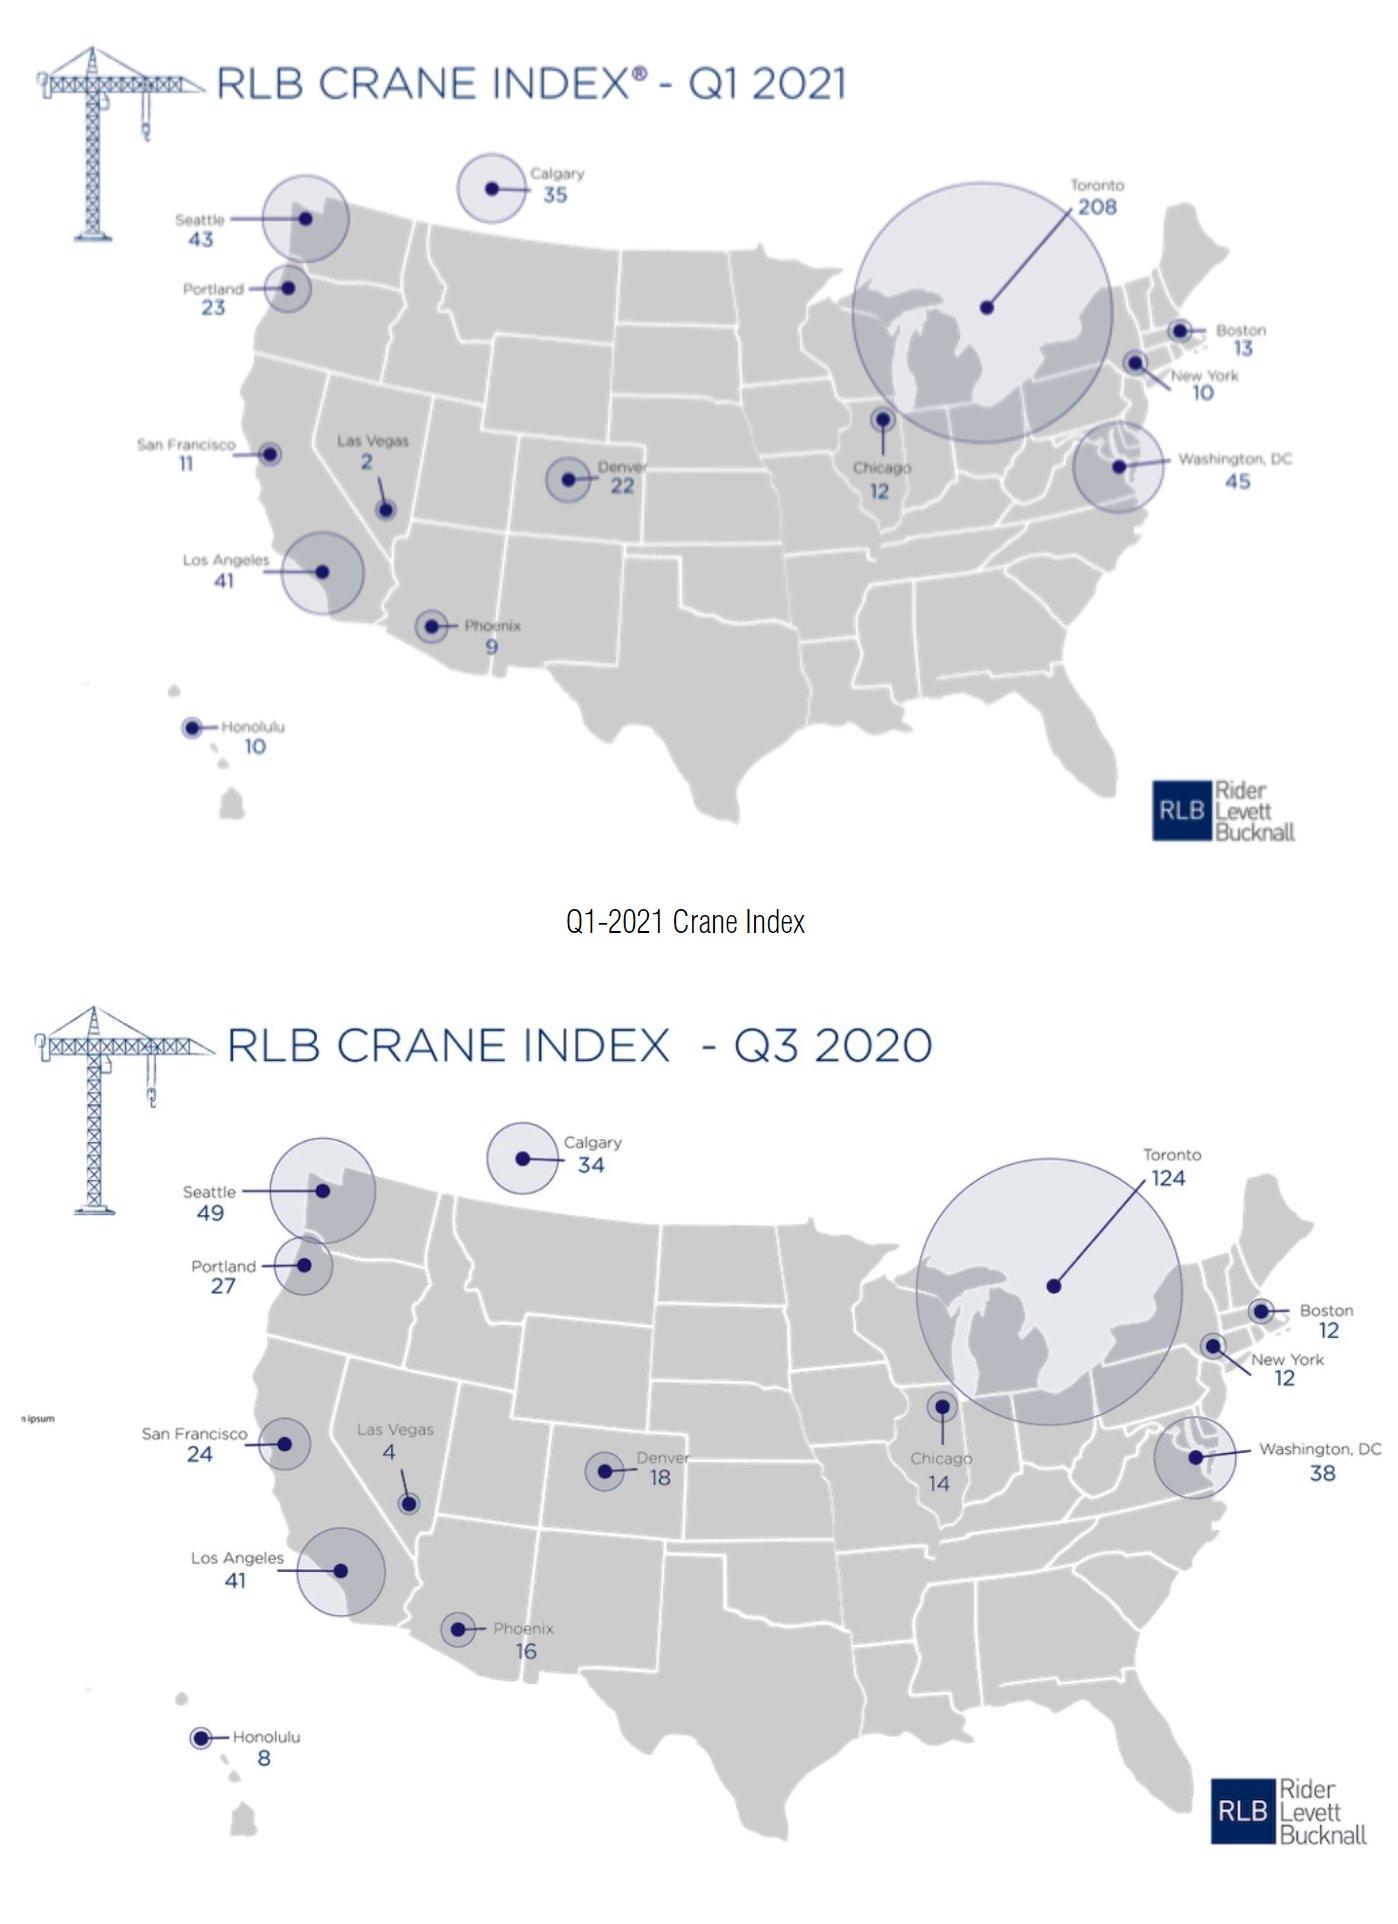 RLB Crane Index